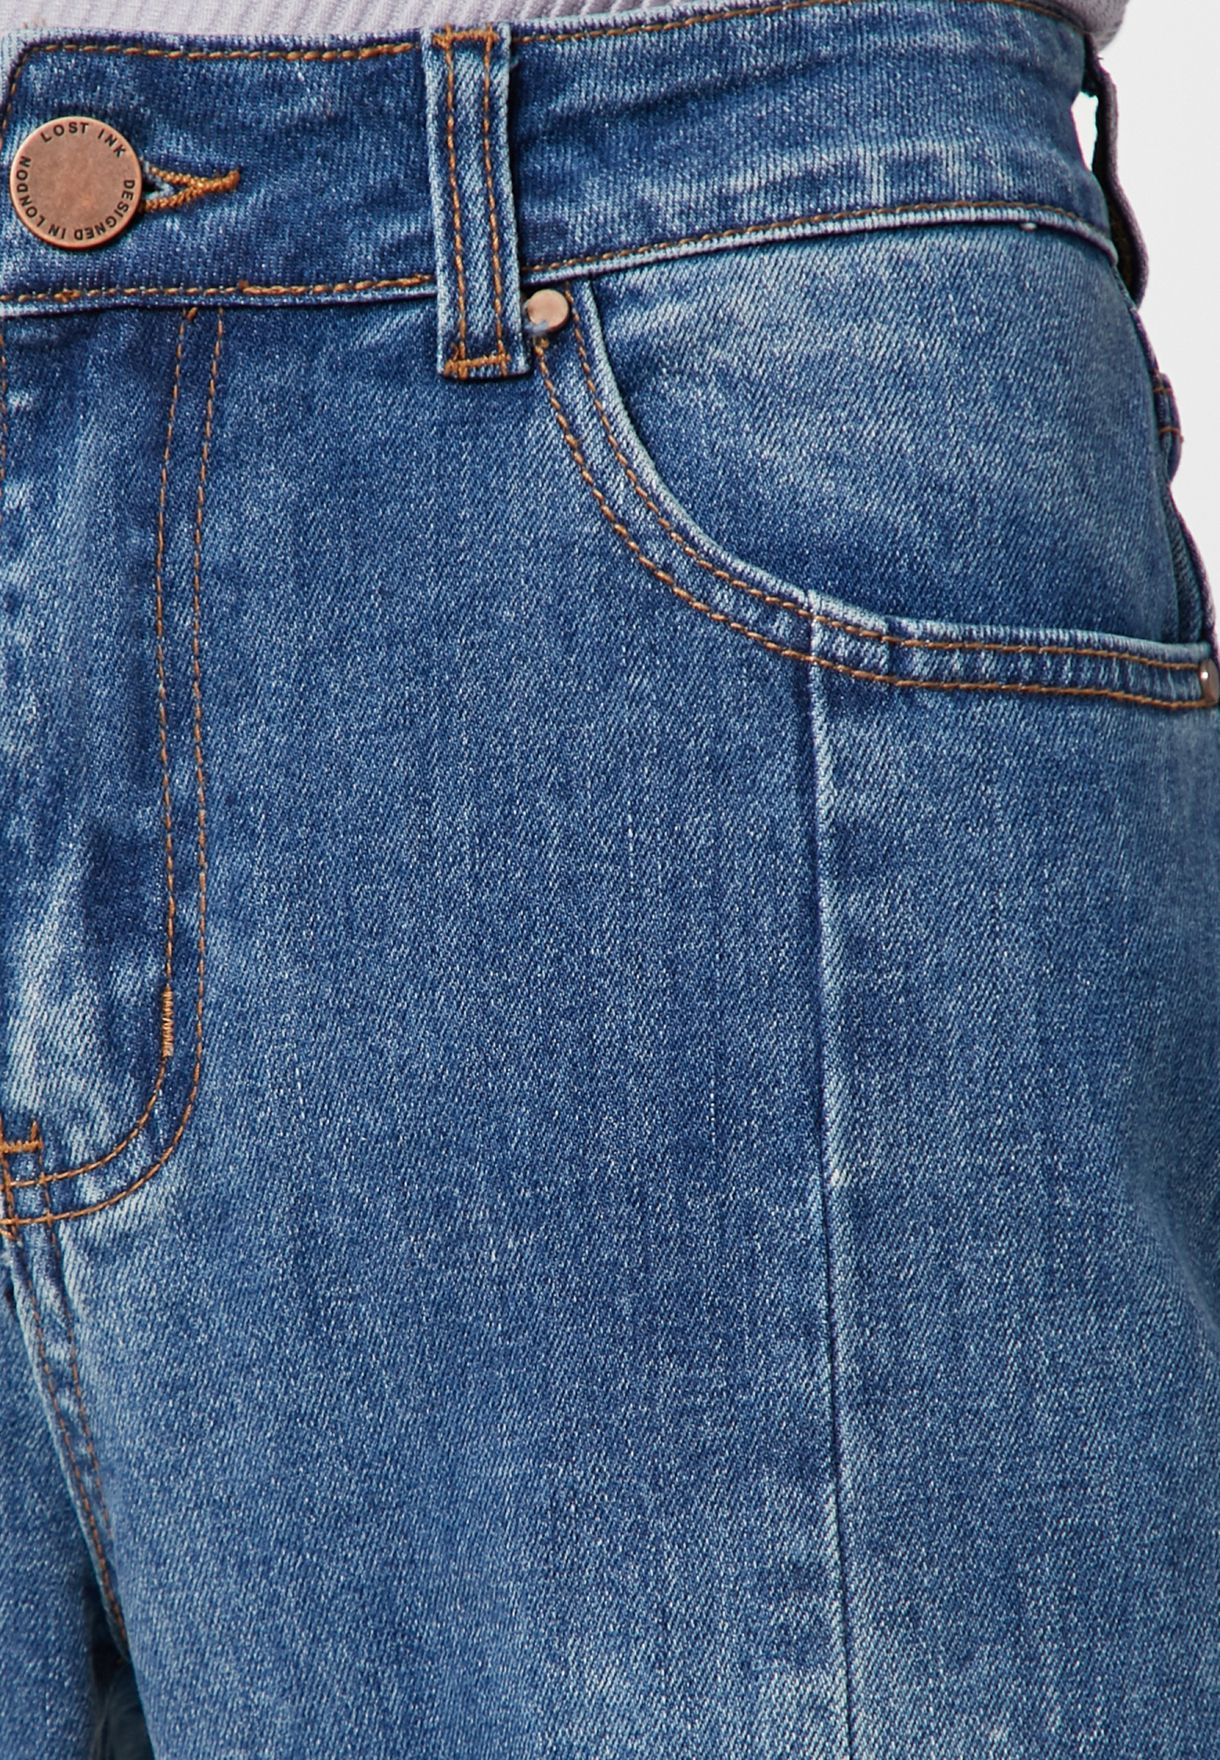 جينز قصير وبقصة واسعة فلير